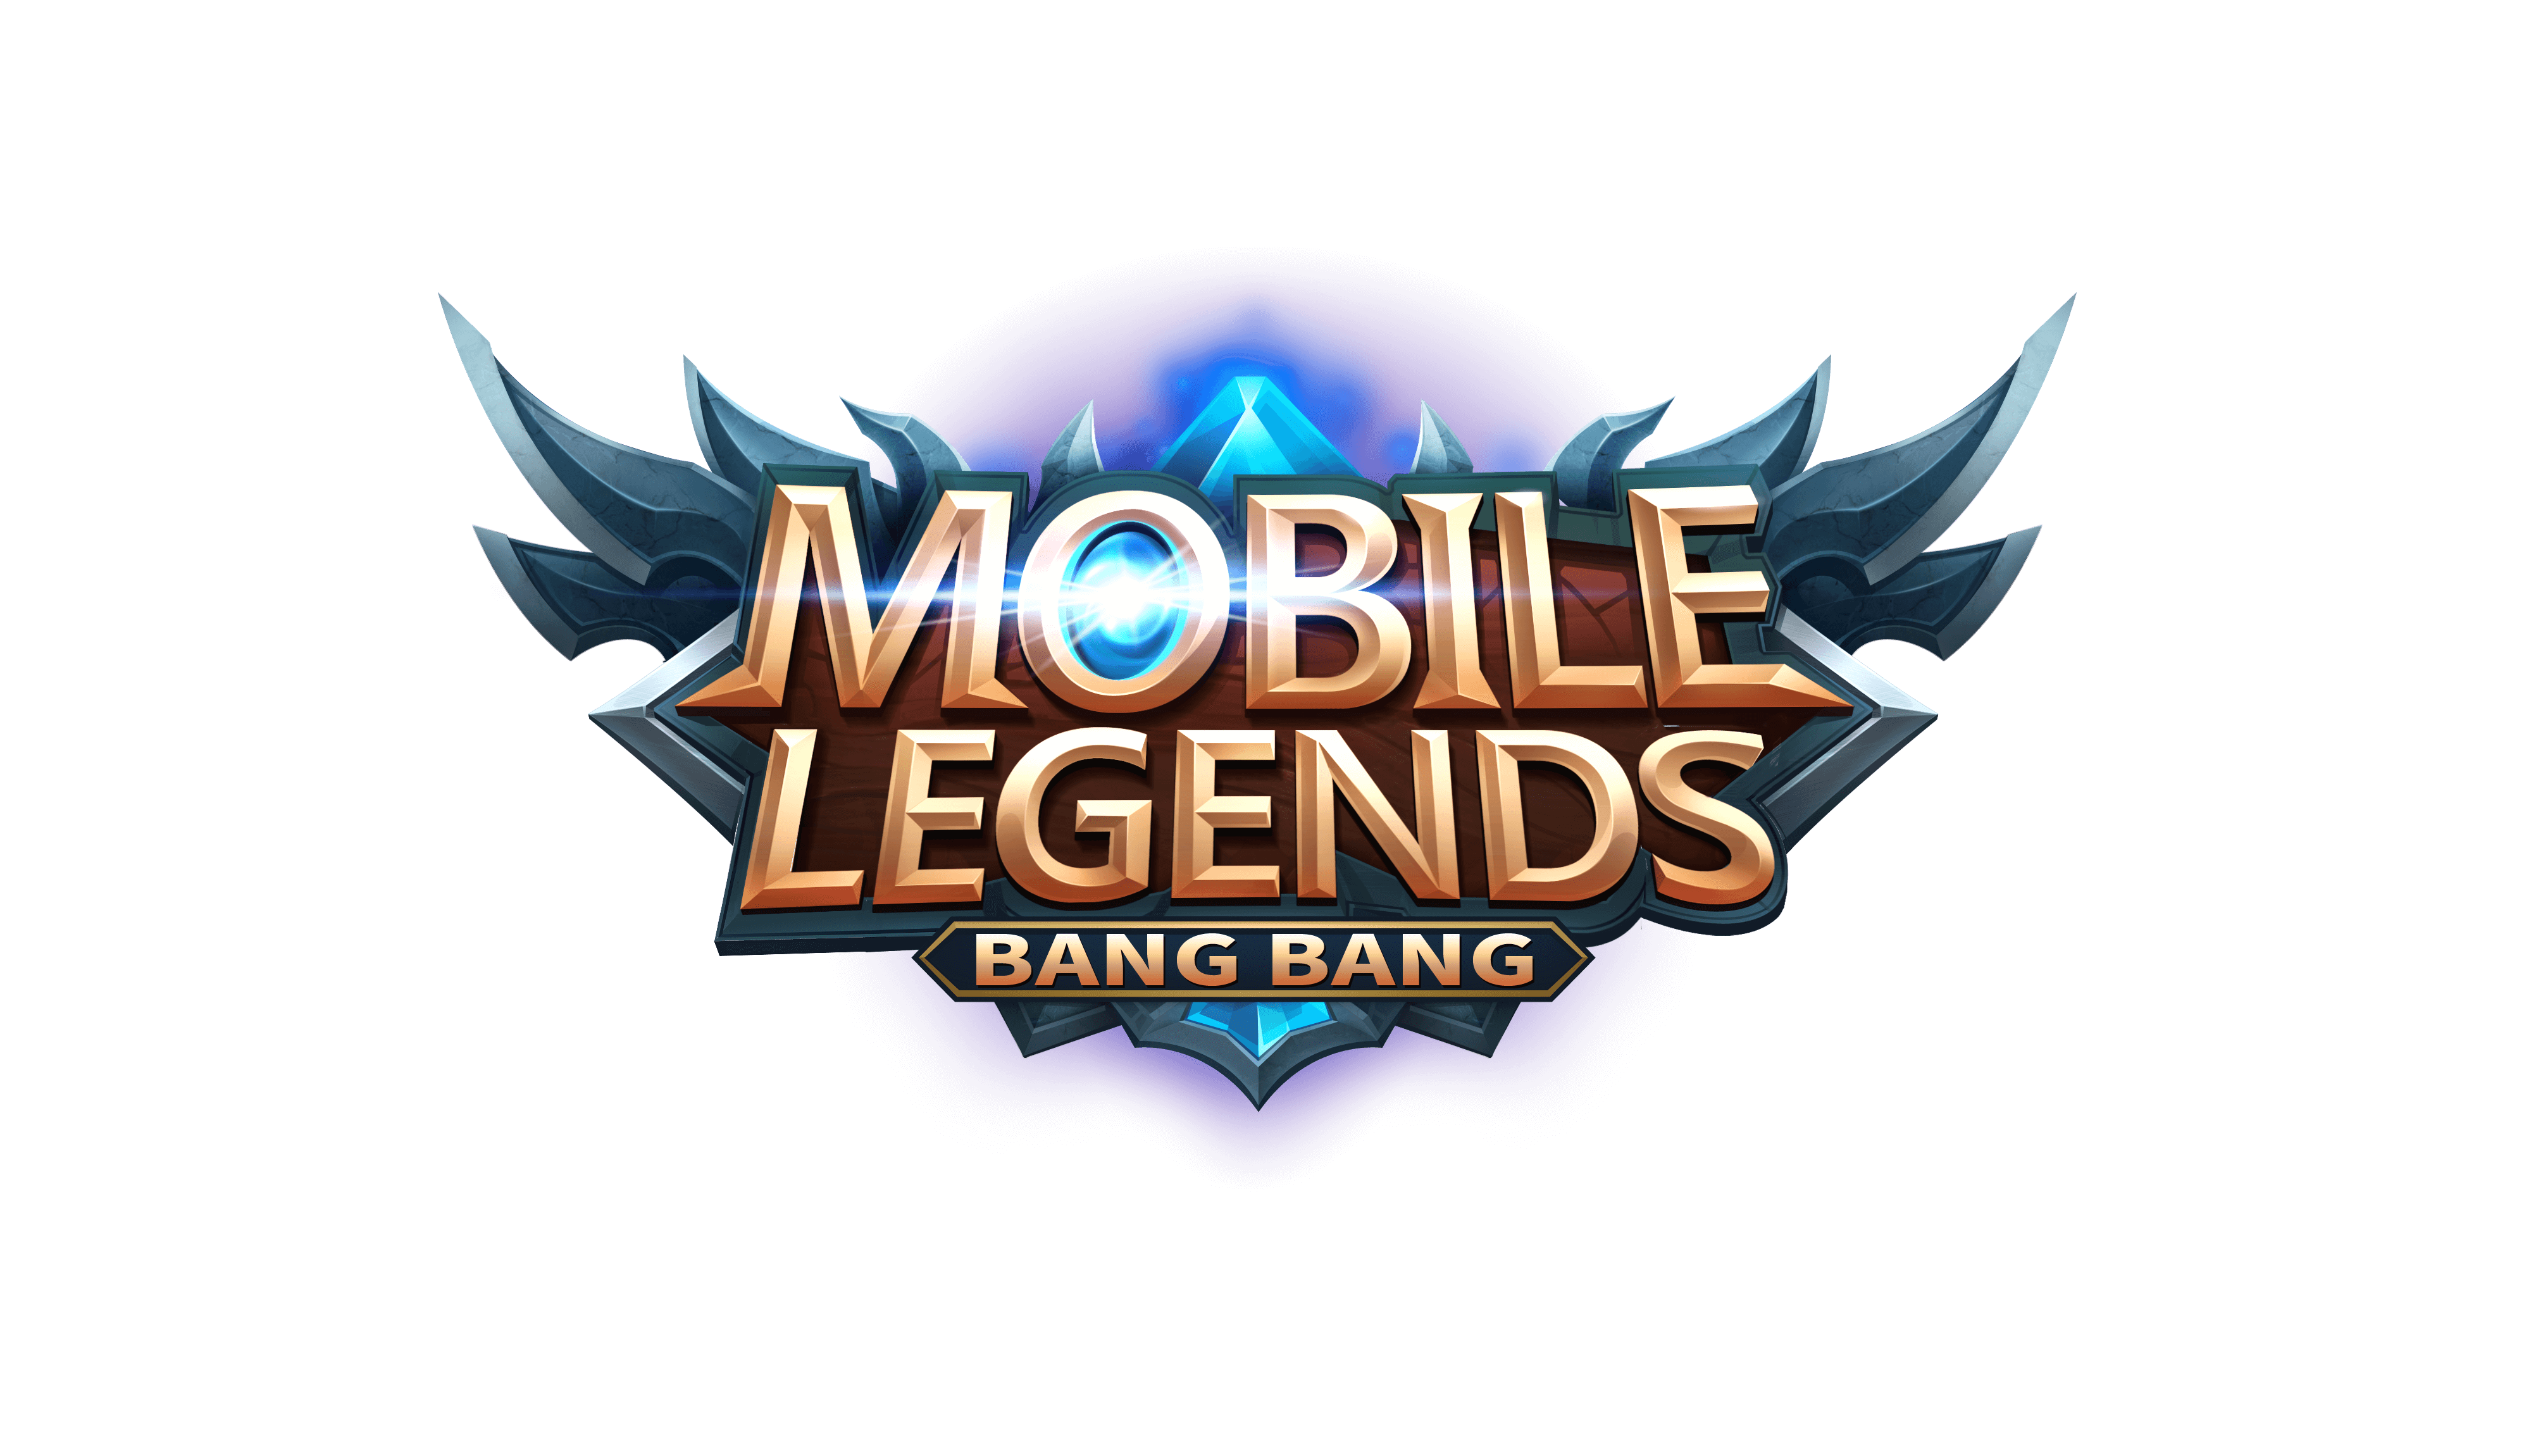 Hero Mudah Untuk Boost Rank Di Mobile Legends Image